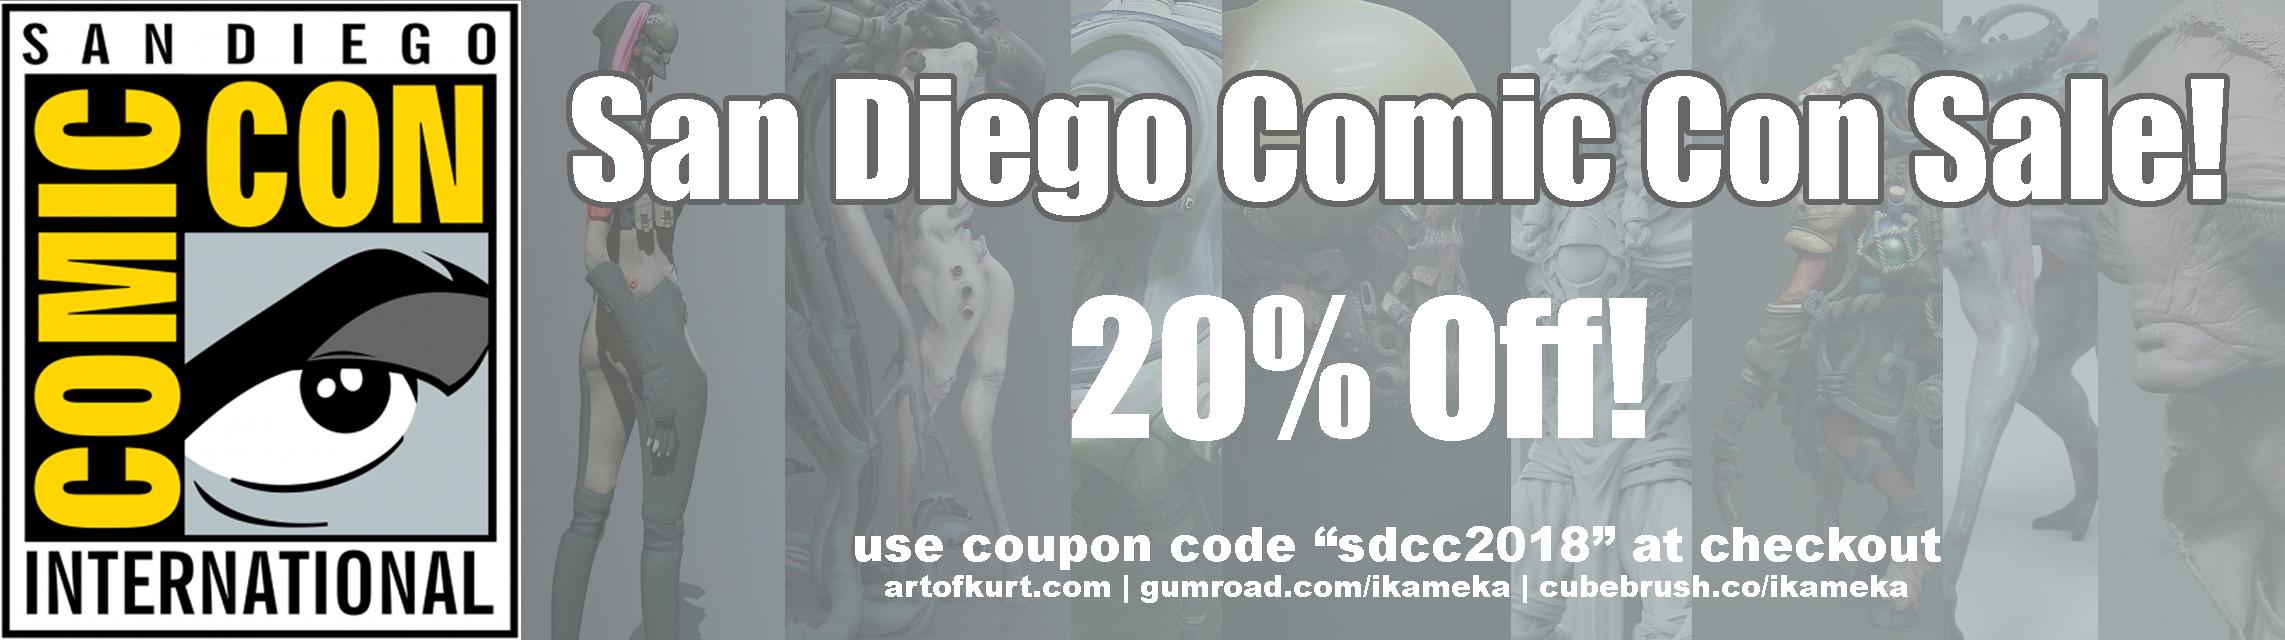 sdcc2018_coupon.jpg